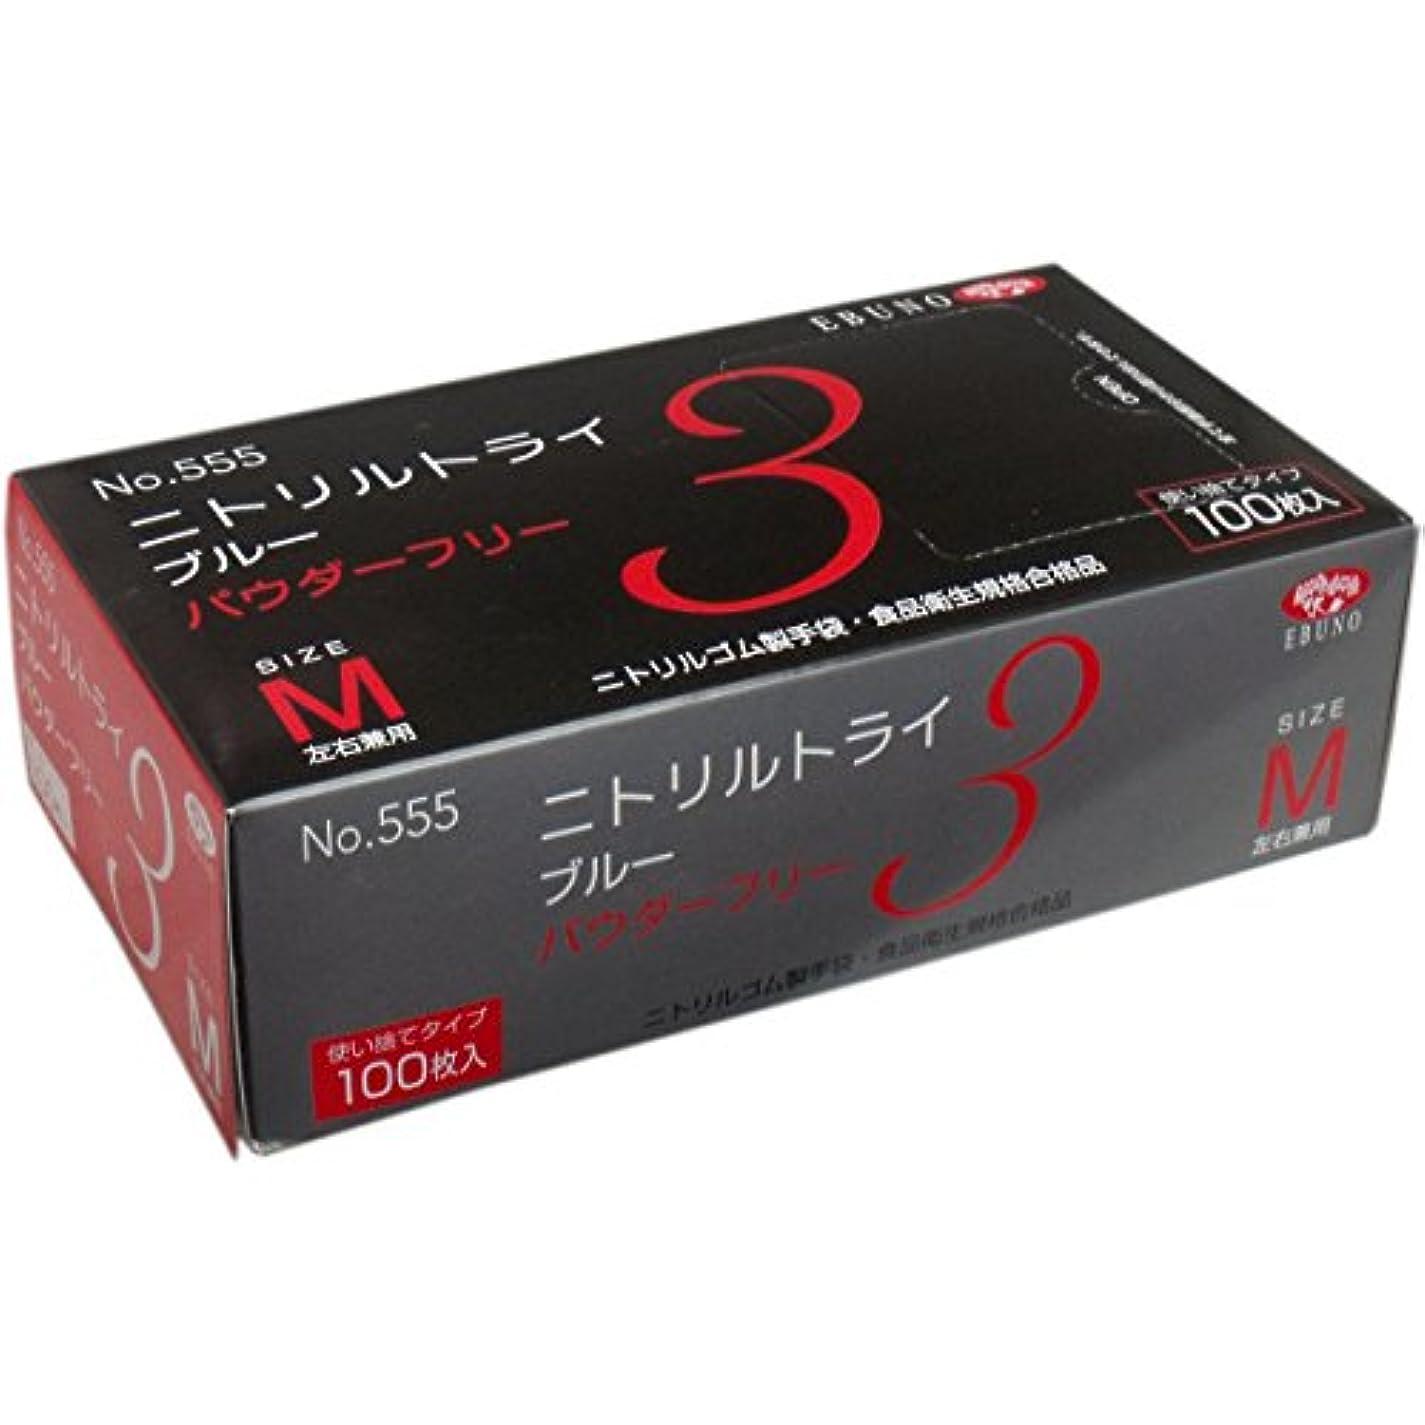 入学する乱雑なディスカウントニトリルトライ3 手袋 ブルー パウダーフリー Mサイズ 100枚入×10個セット